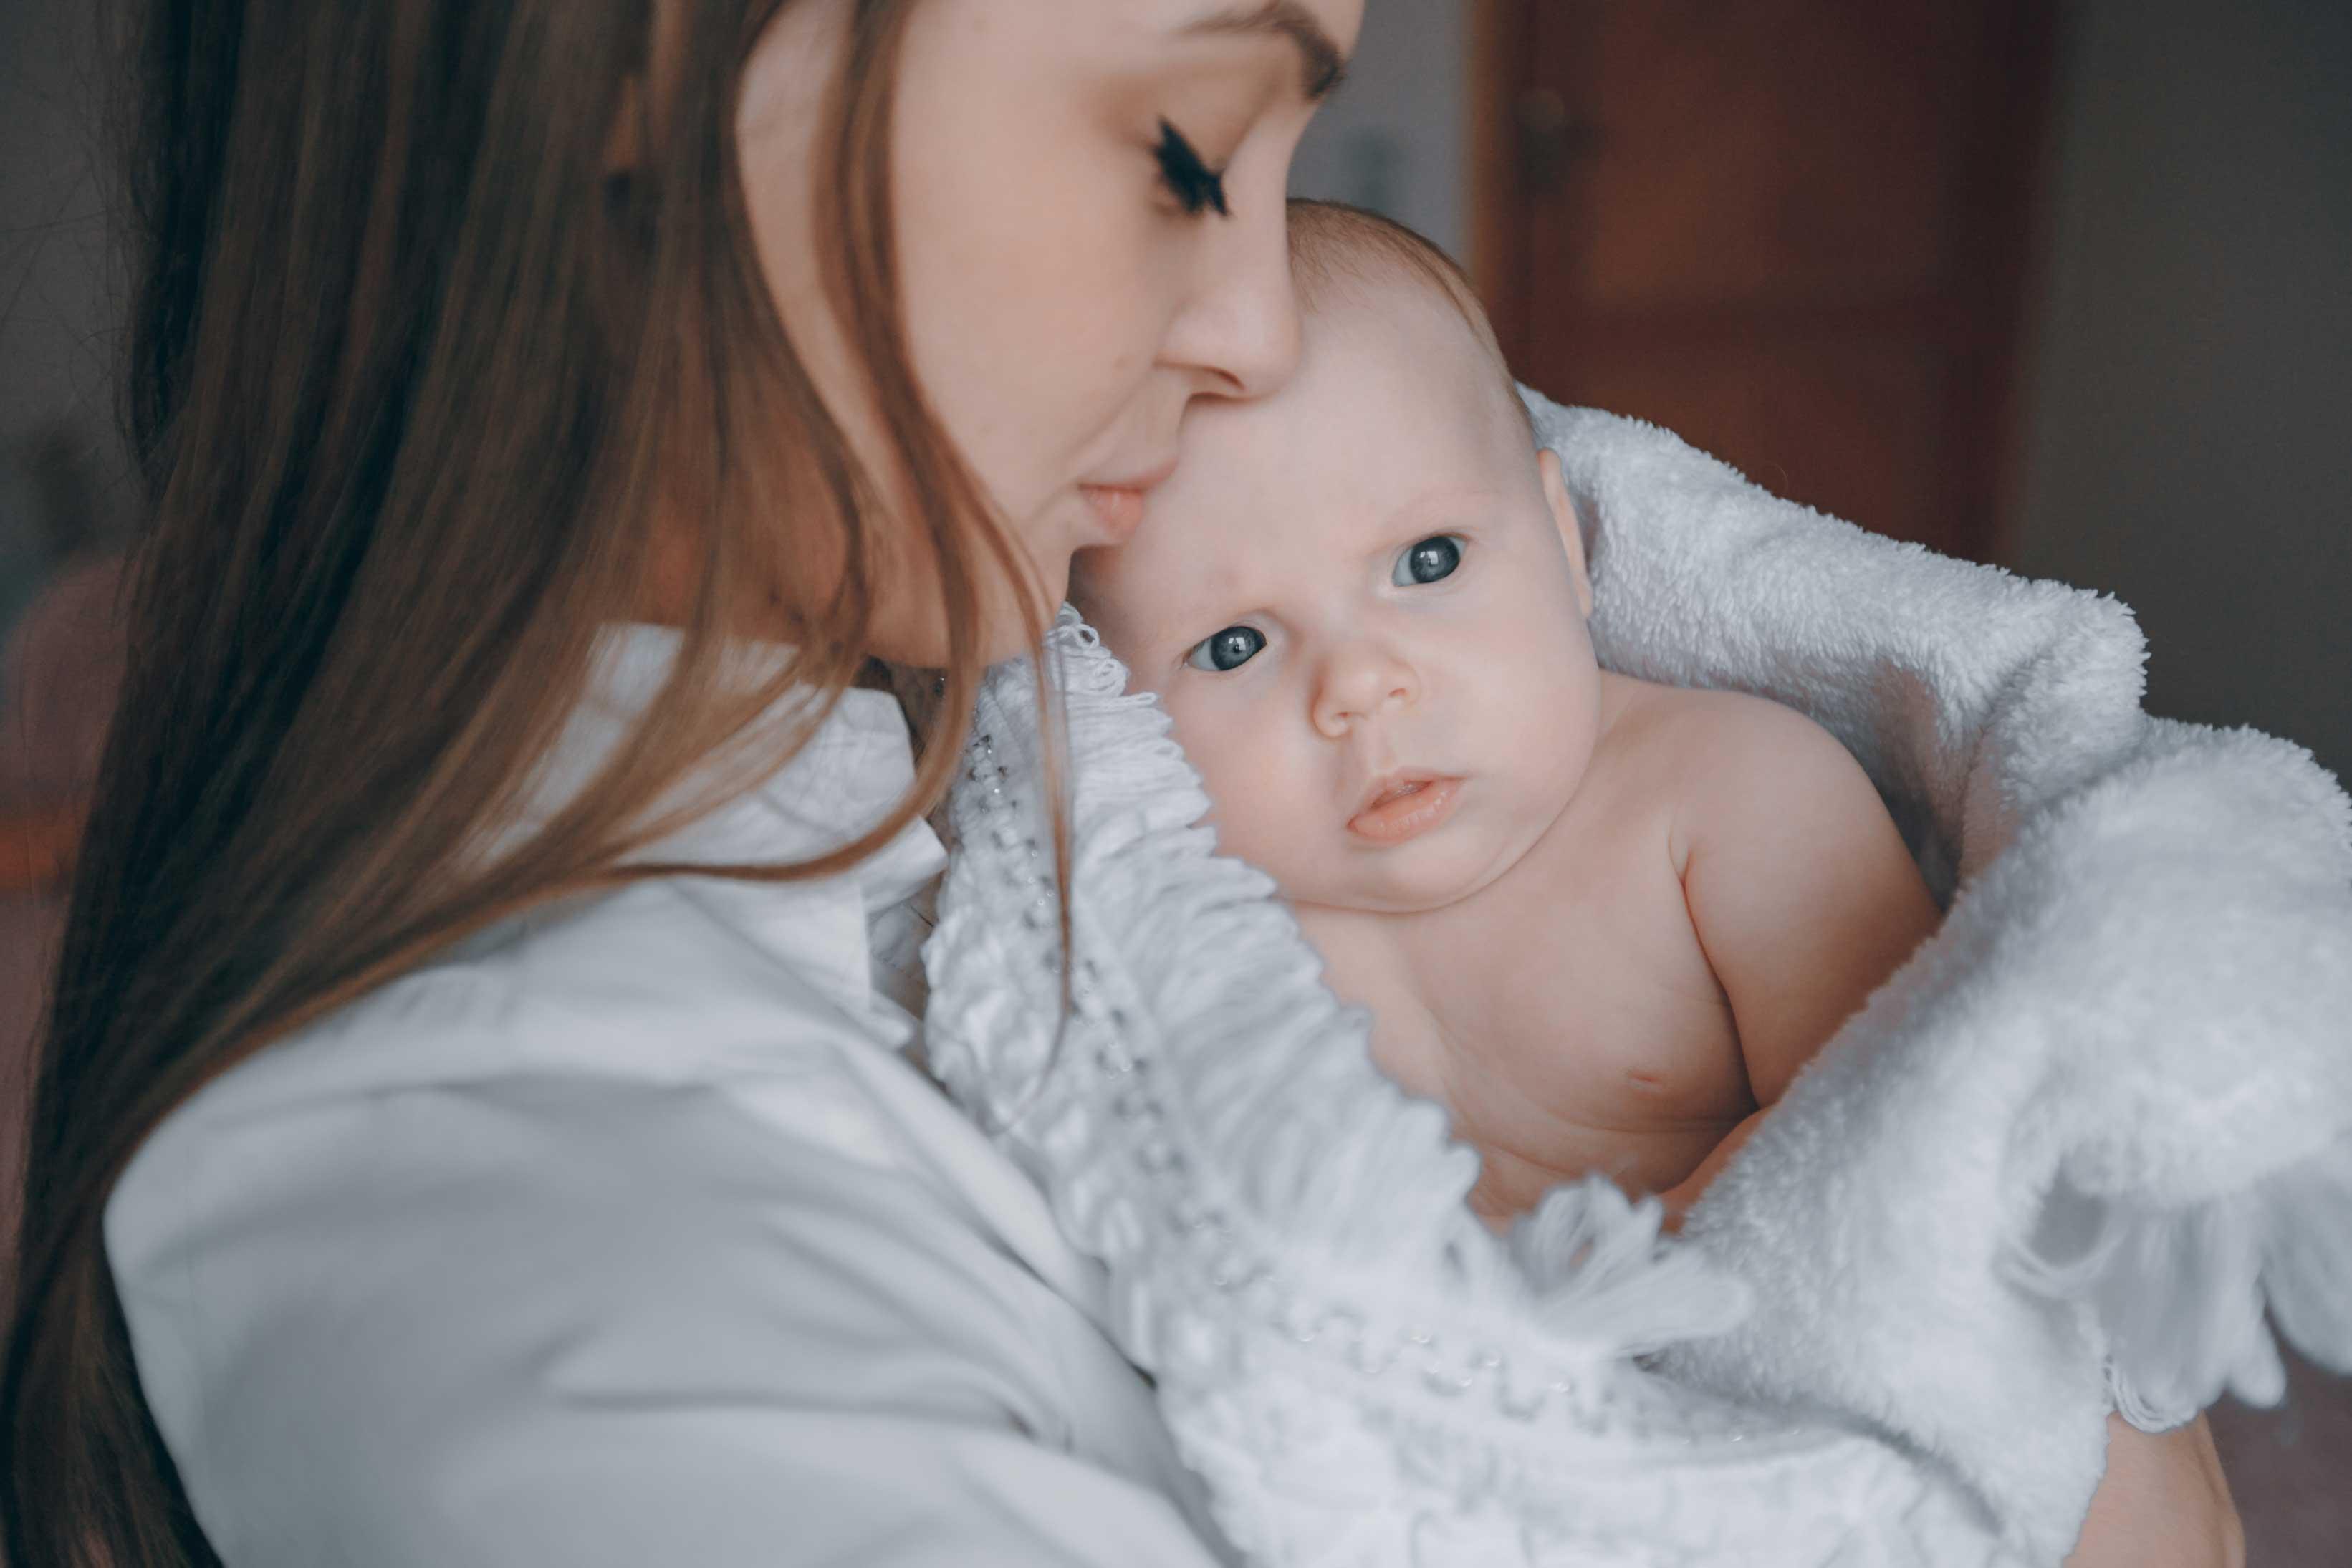 Les pères ont moins de responsabilités que les mères concernant leurs bébés